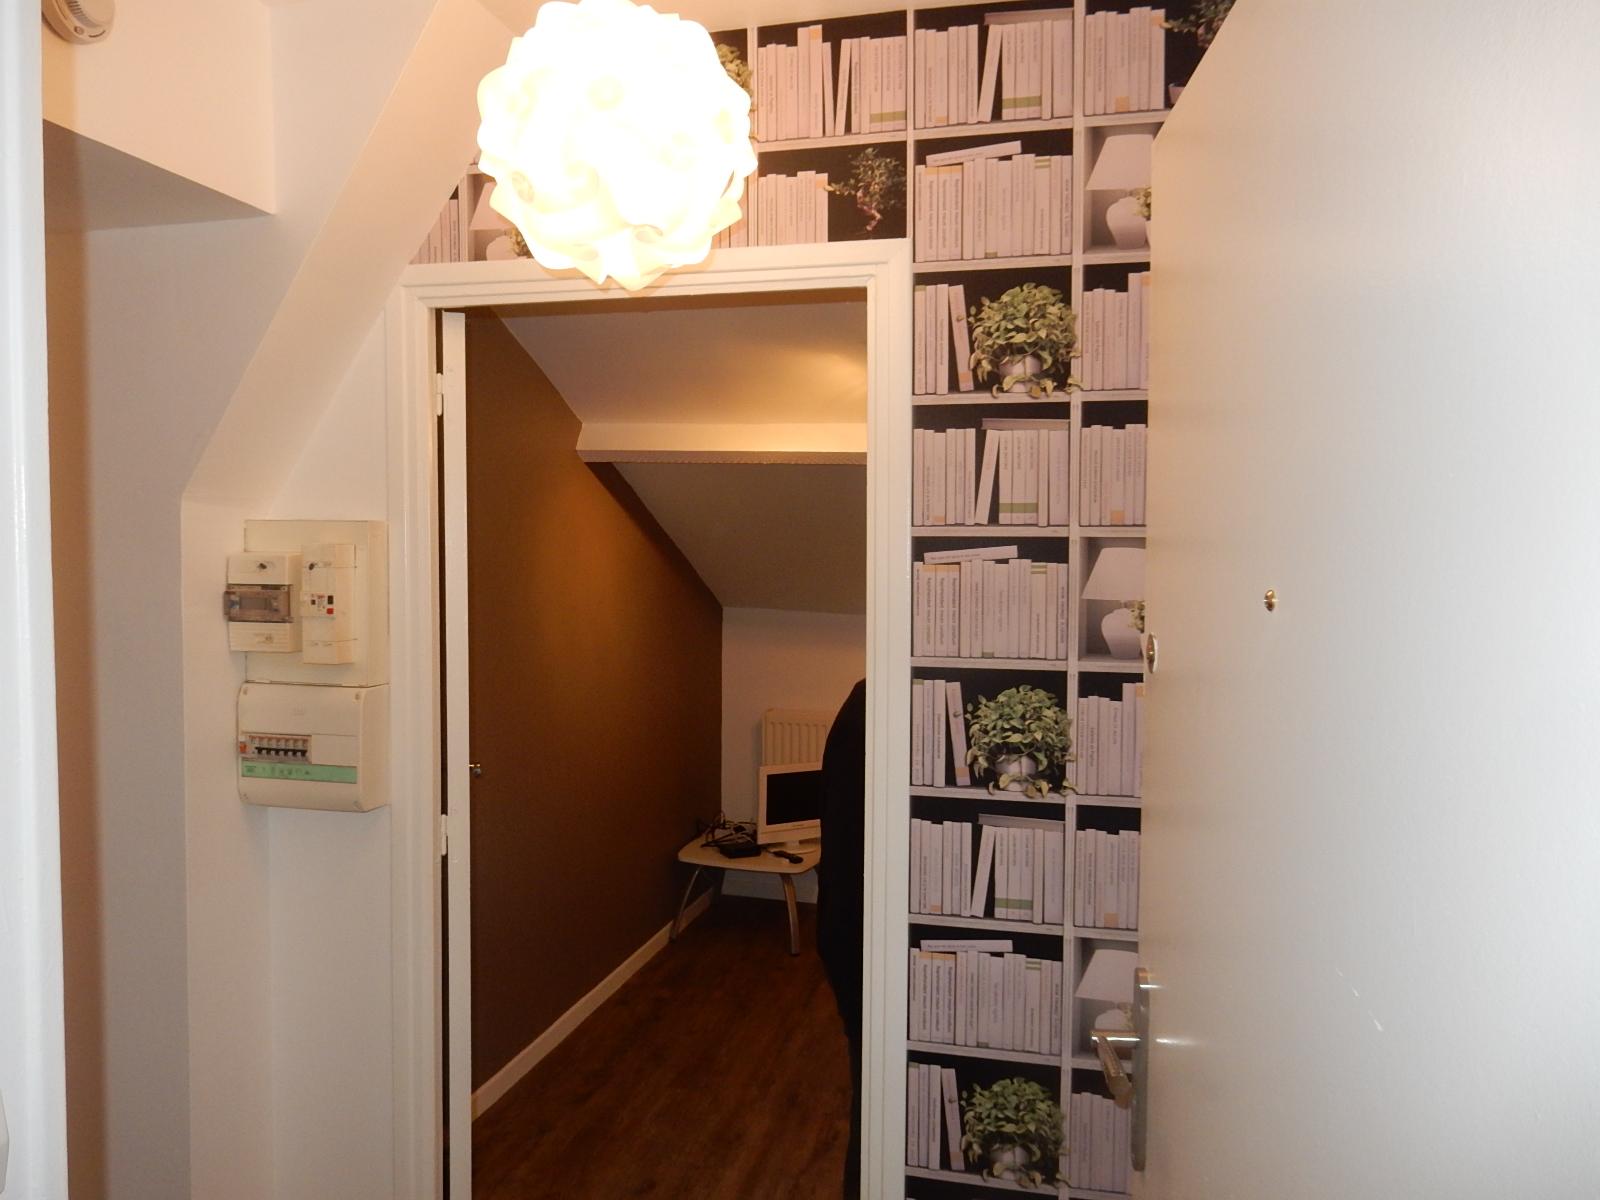 escaliers s jours bureaux couloirs jogaris peinture ch lons champagne. Black Bedroom Furniture Sets. Home Design Ideas